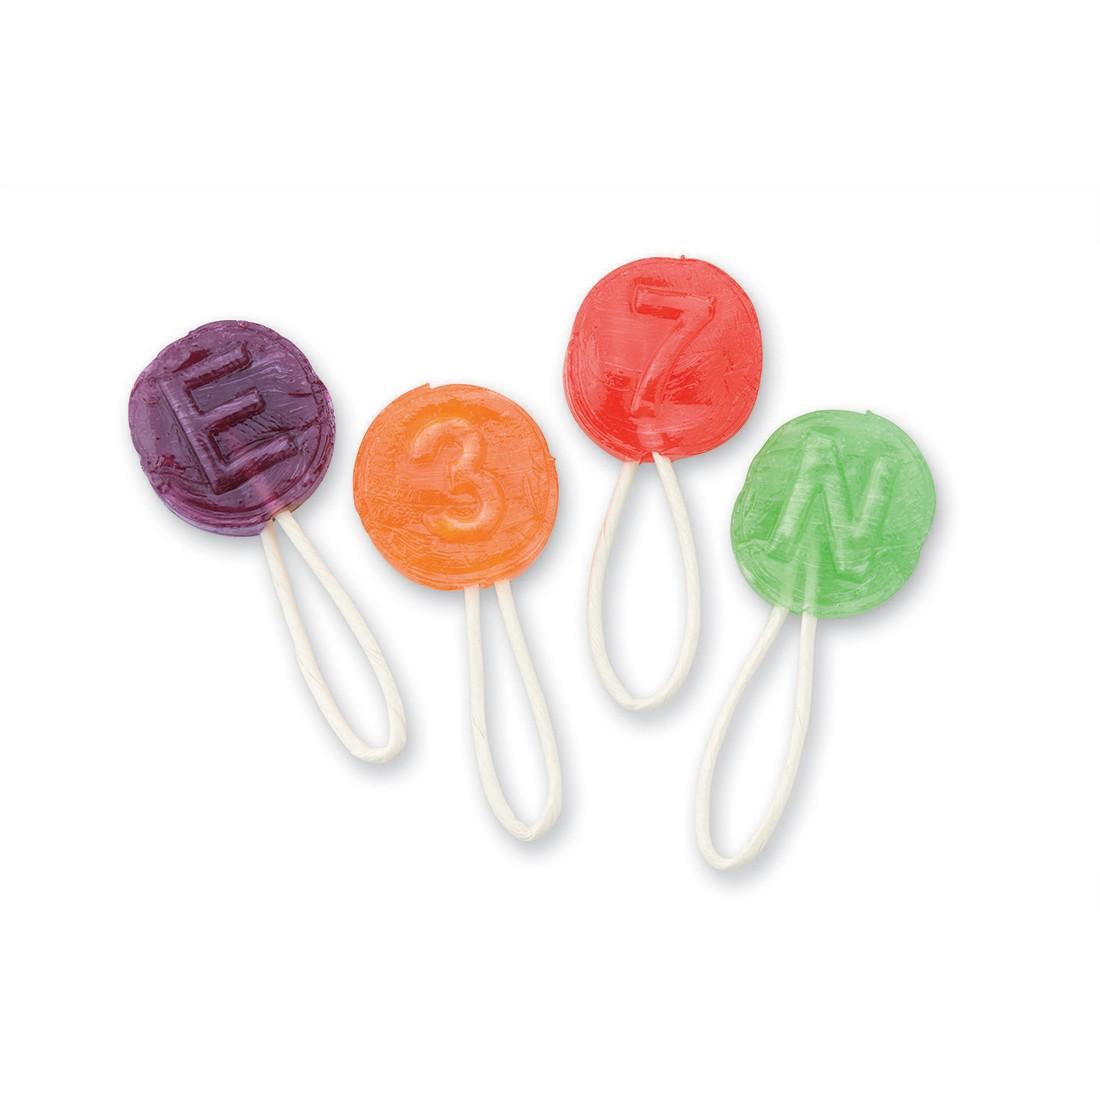 Saf-T-Pops Lollipops [image]